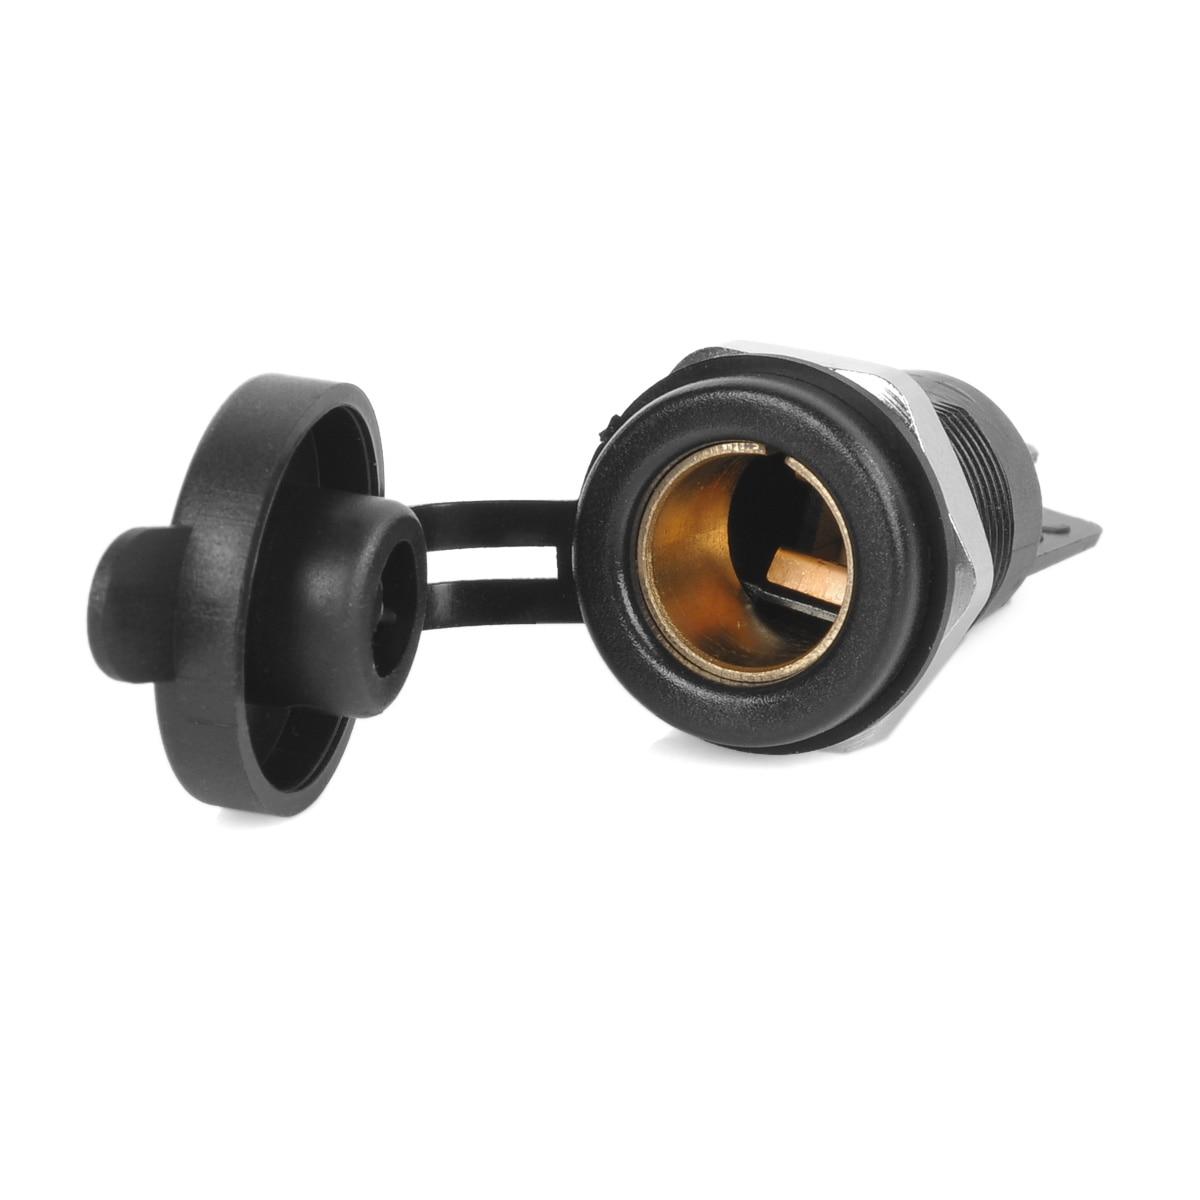 Адаптер для розетки Powerlet для Hella Din BMW адаптер для конвертера 12 вольт